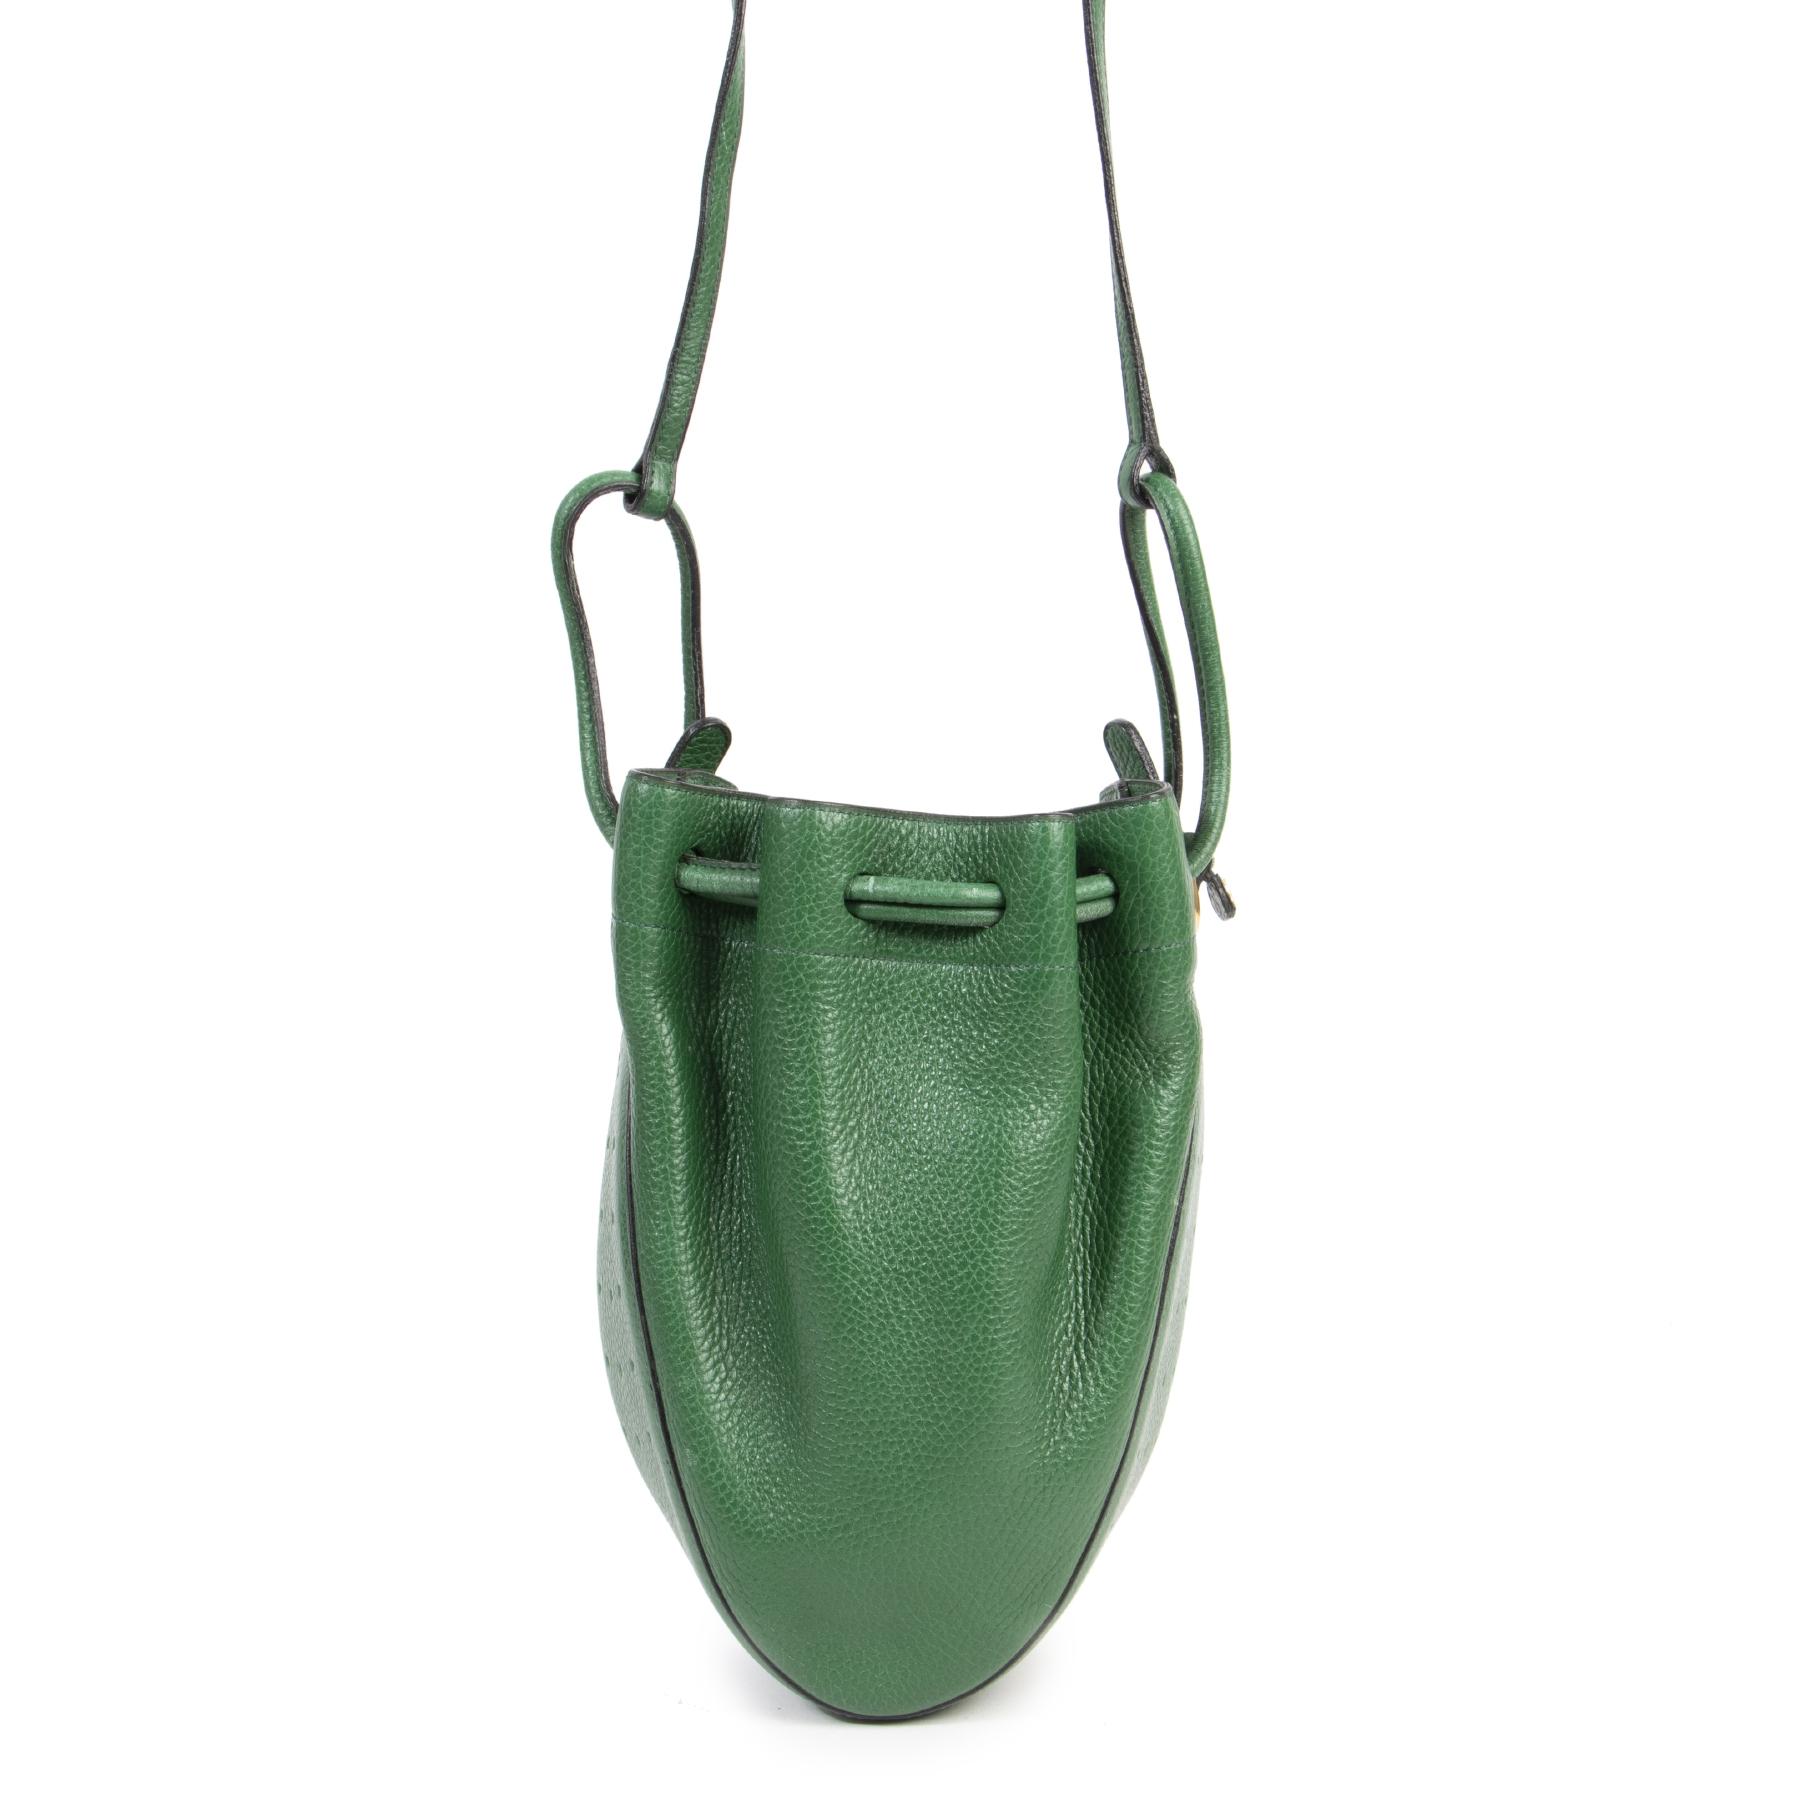 Authentieke Tweedehands Delvaux Green Leather Bucket Bag juiste prijs veilig online shoppen luxe merken webshop winkelen Antwerpen België mode fashion